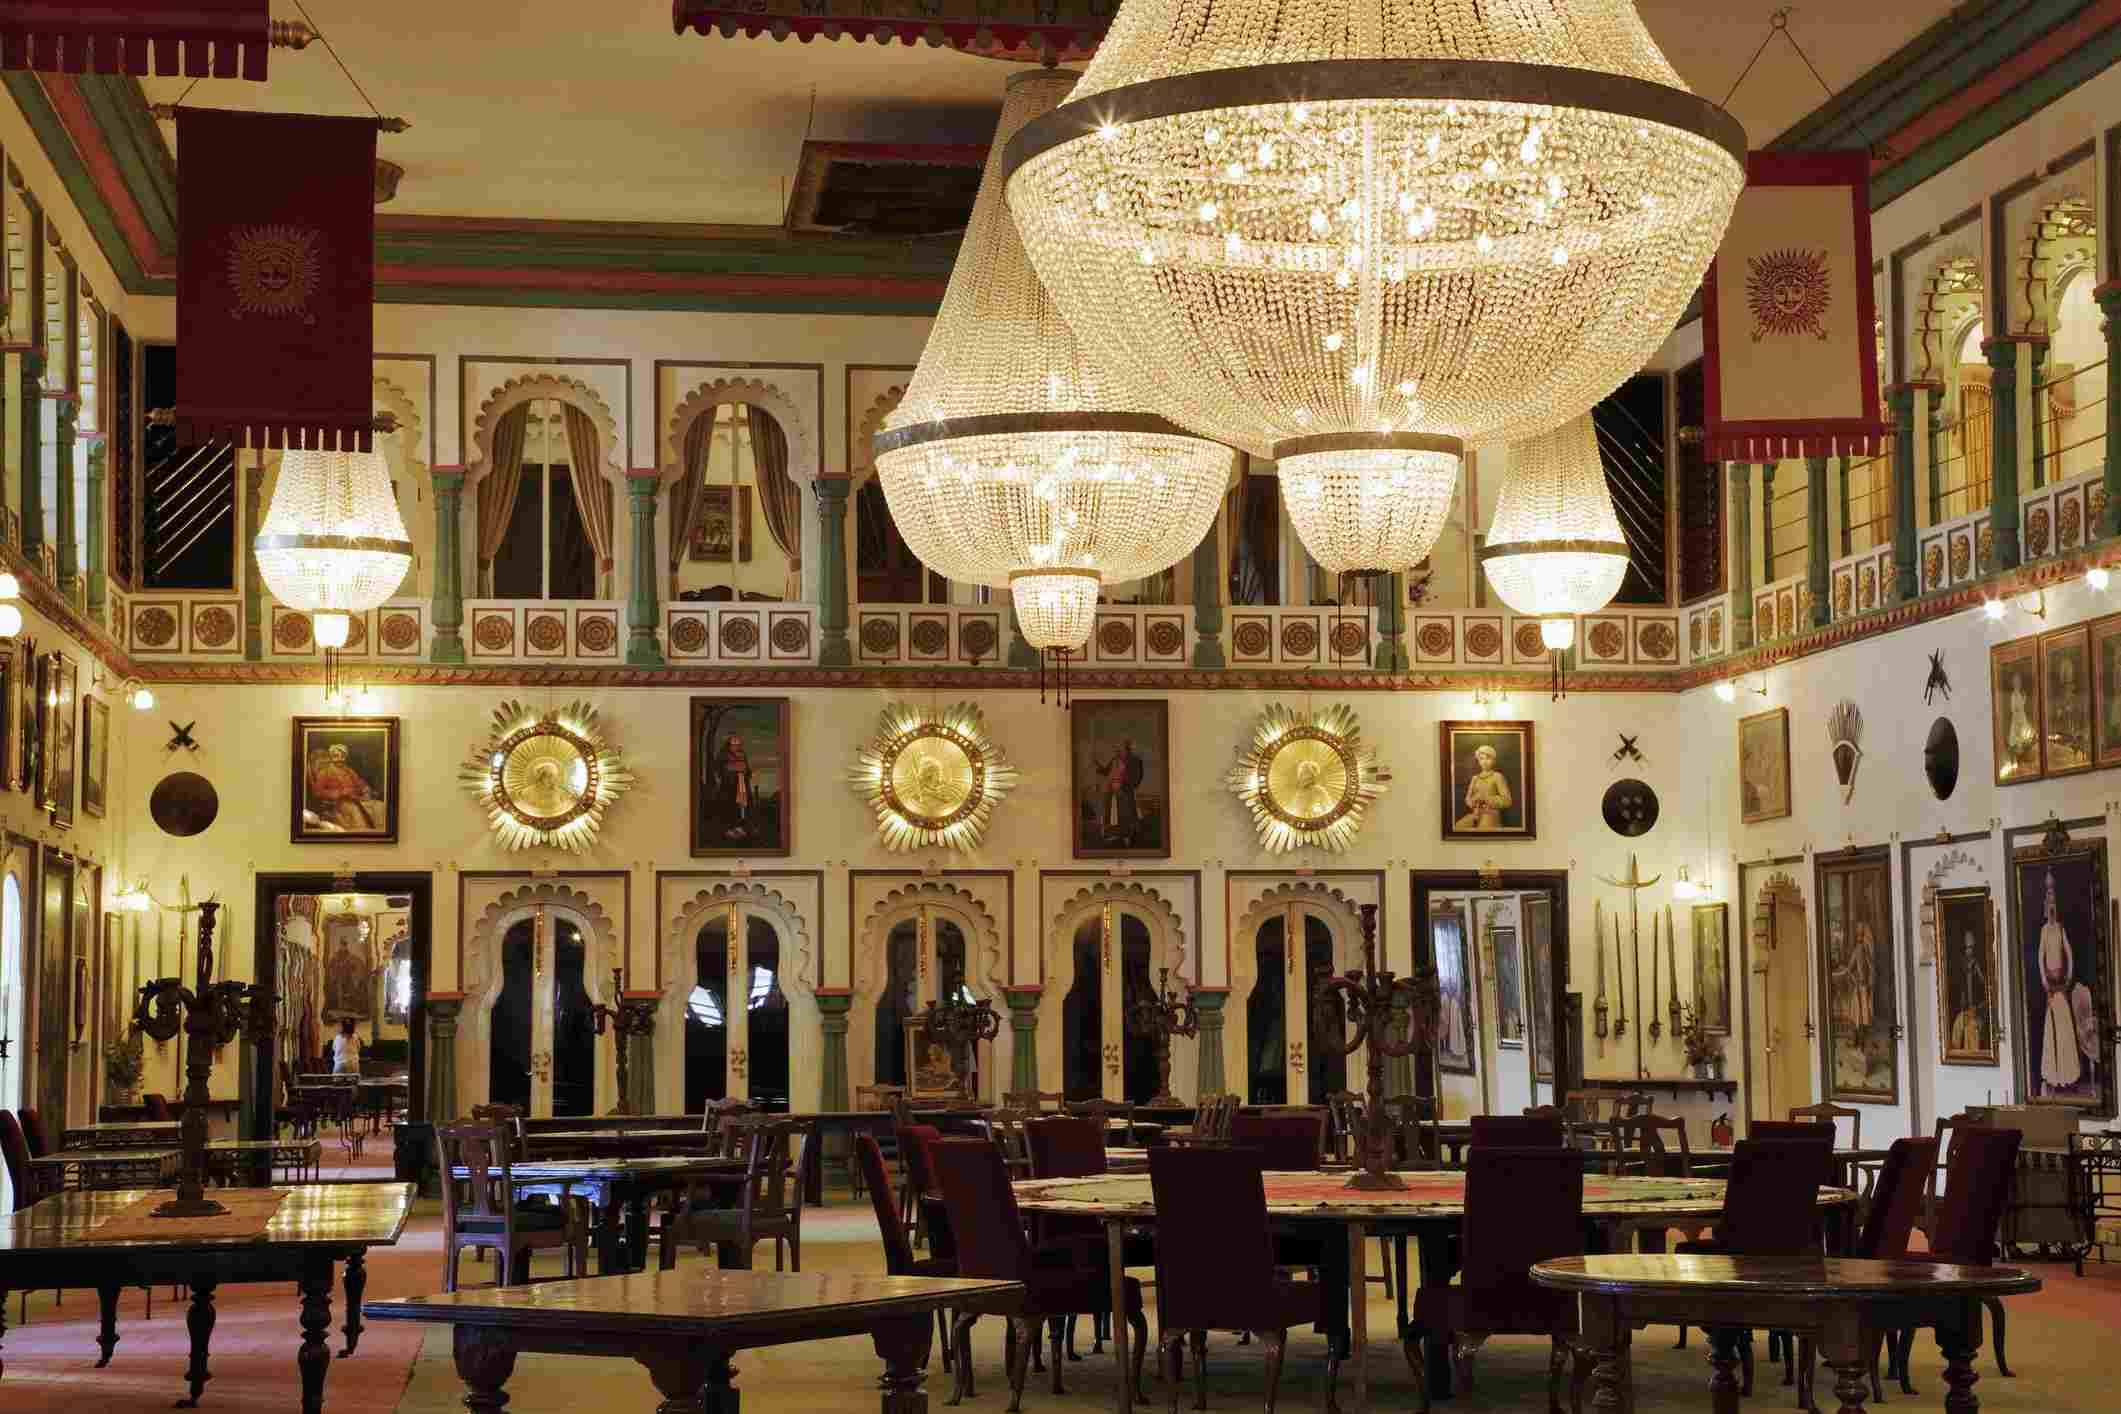 Fateh Prakash Palace Hotel Durbar Hall.